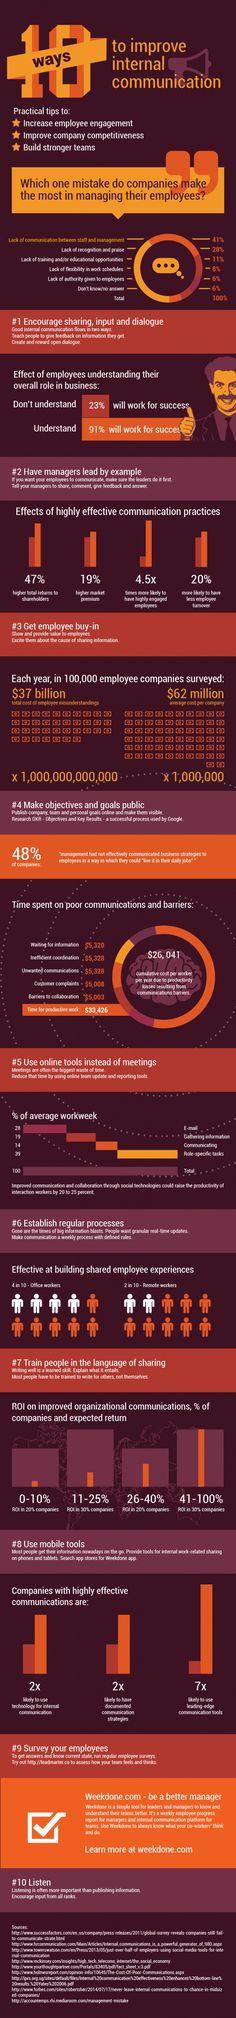 10 gouden adviezen om de interne communicatie te verbeteren | Communicatie online